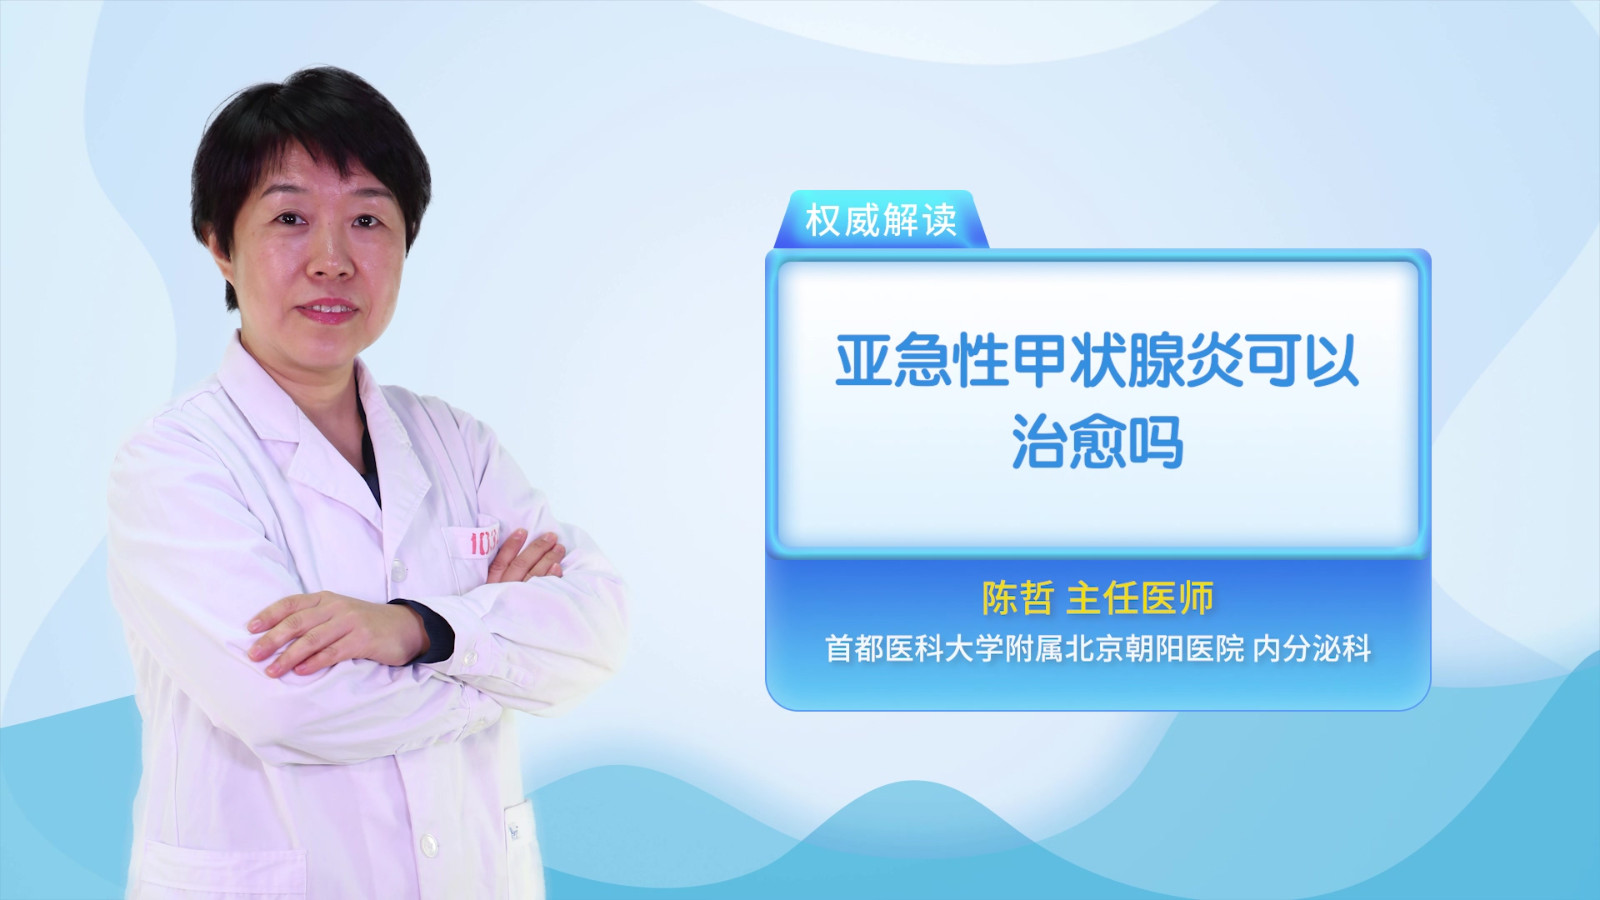 亚急性甲状腺炎可以治愈吗